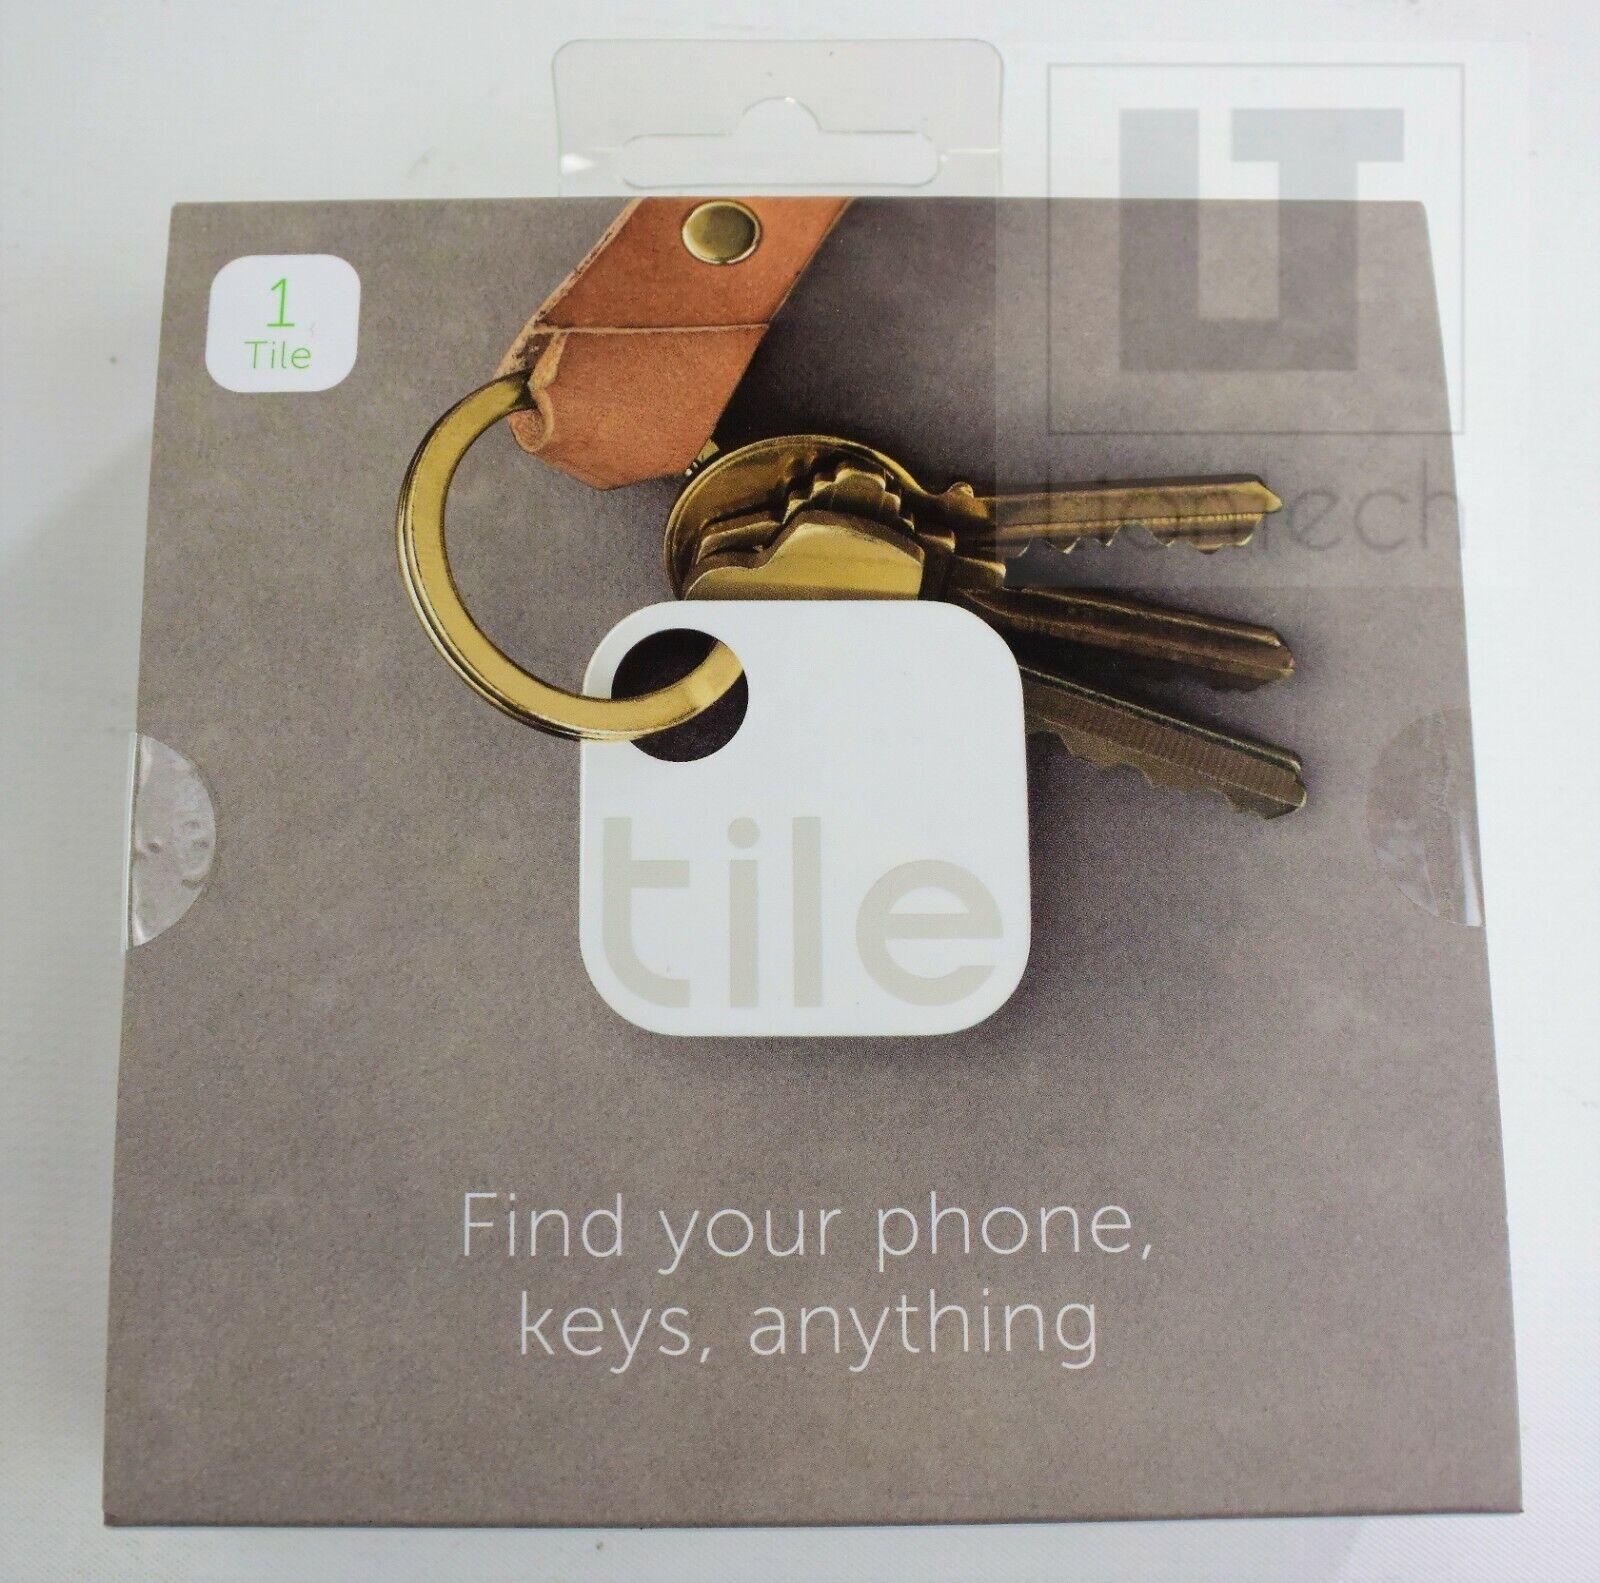 Tile  - Key Finder. Phone Finder. Anything Finder - 1 Pack